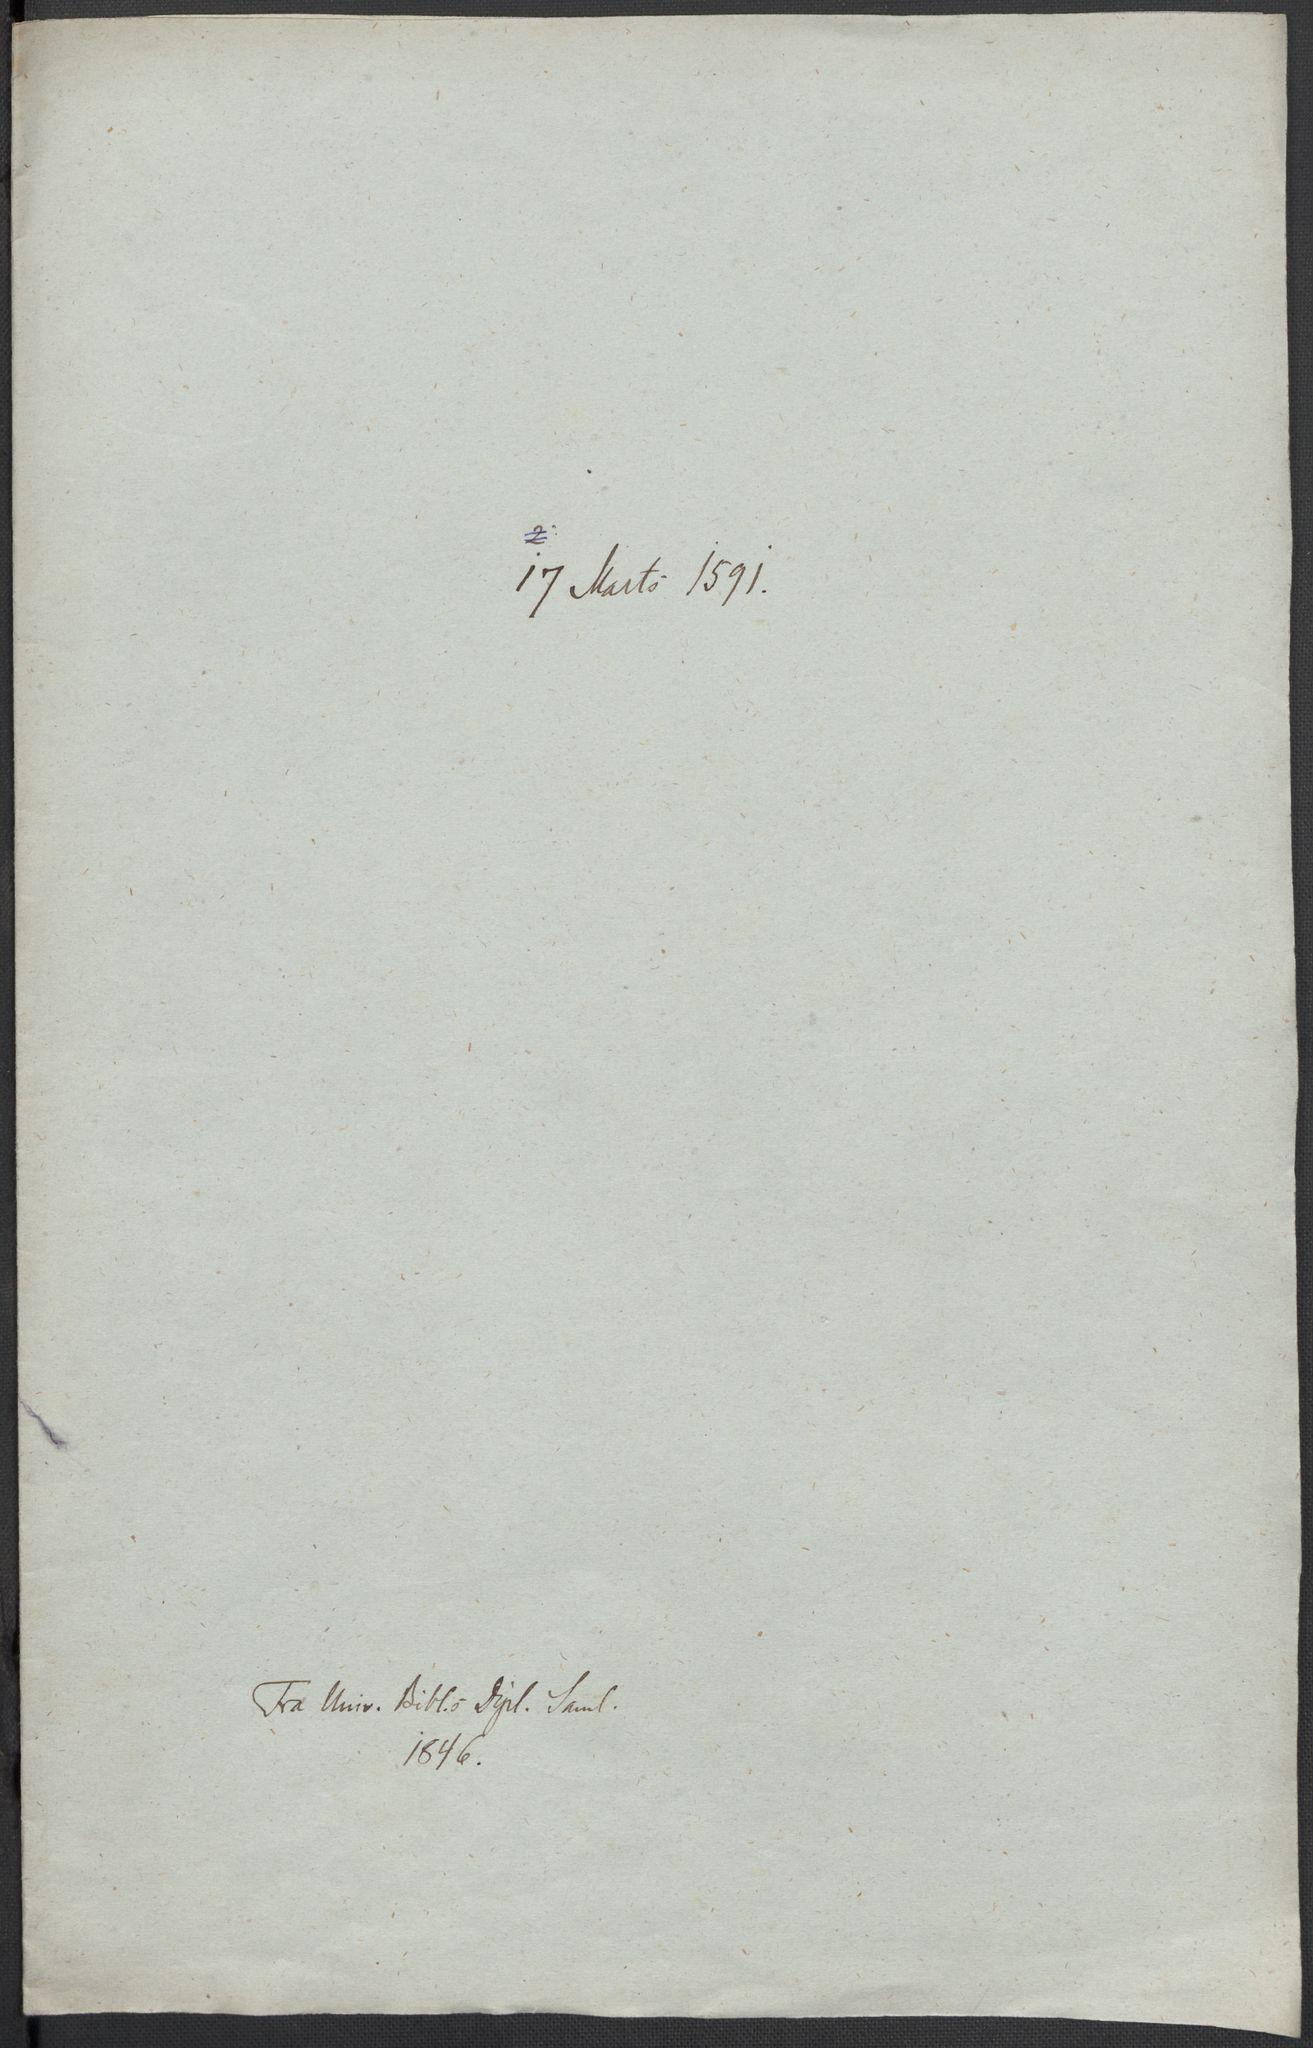 RA, Riksarkivets diplomsamling, F02/L0093: Dokumenter, 1591, s. 55